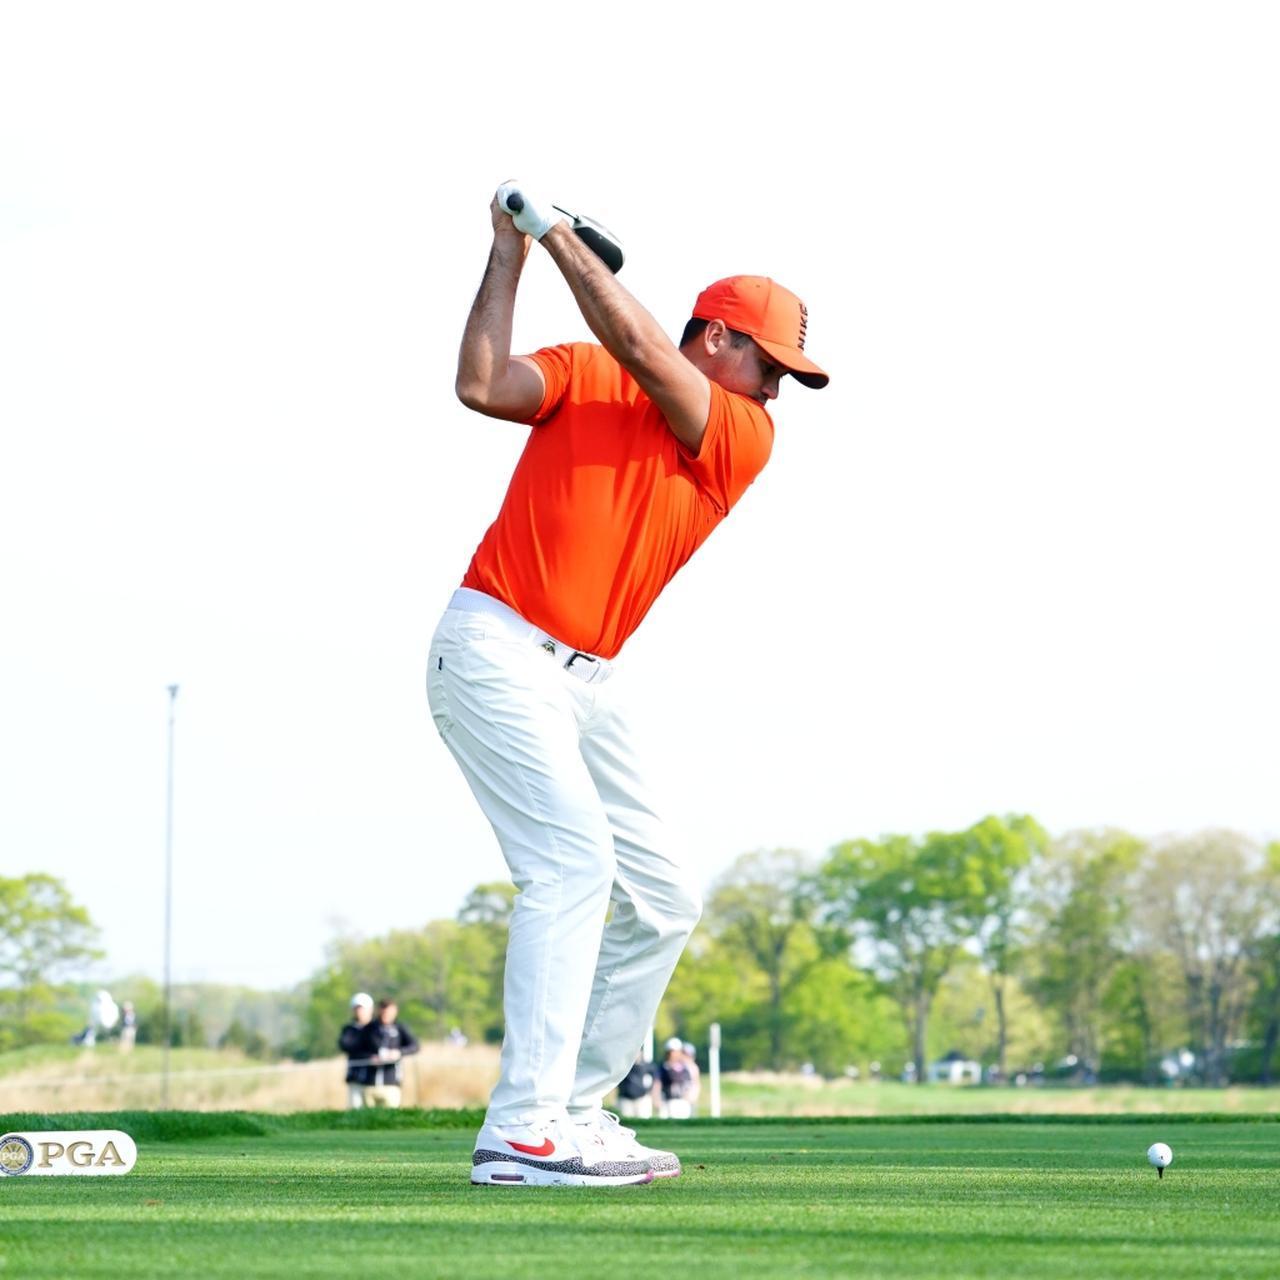 画像21: 【ZOZO選手権】本場PGAツアーがやってくる。解説陣が語る「世界のトップのココを見よ!」タイガー、マキロイ、デイ、バッバ……